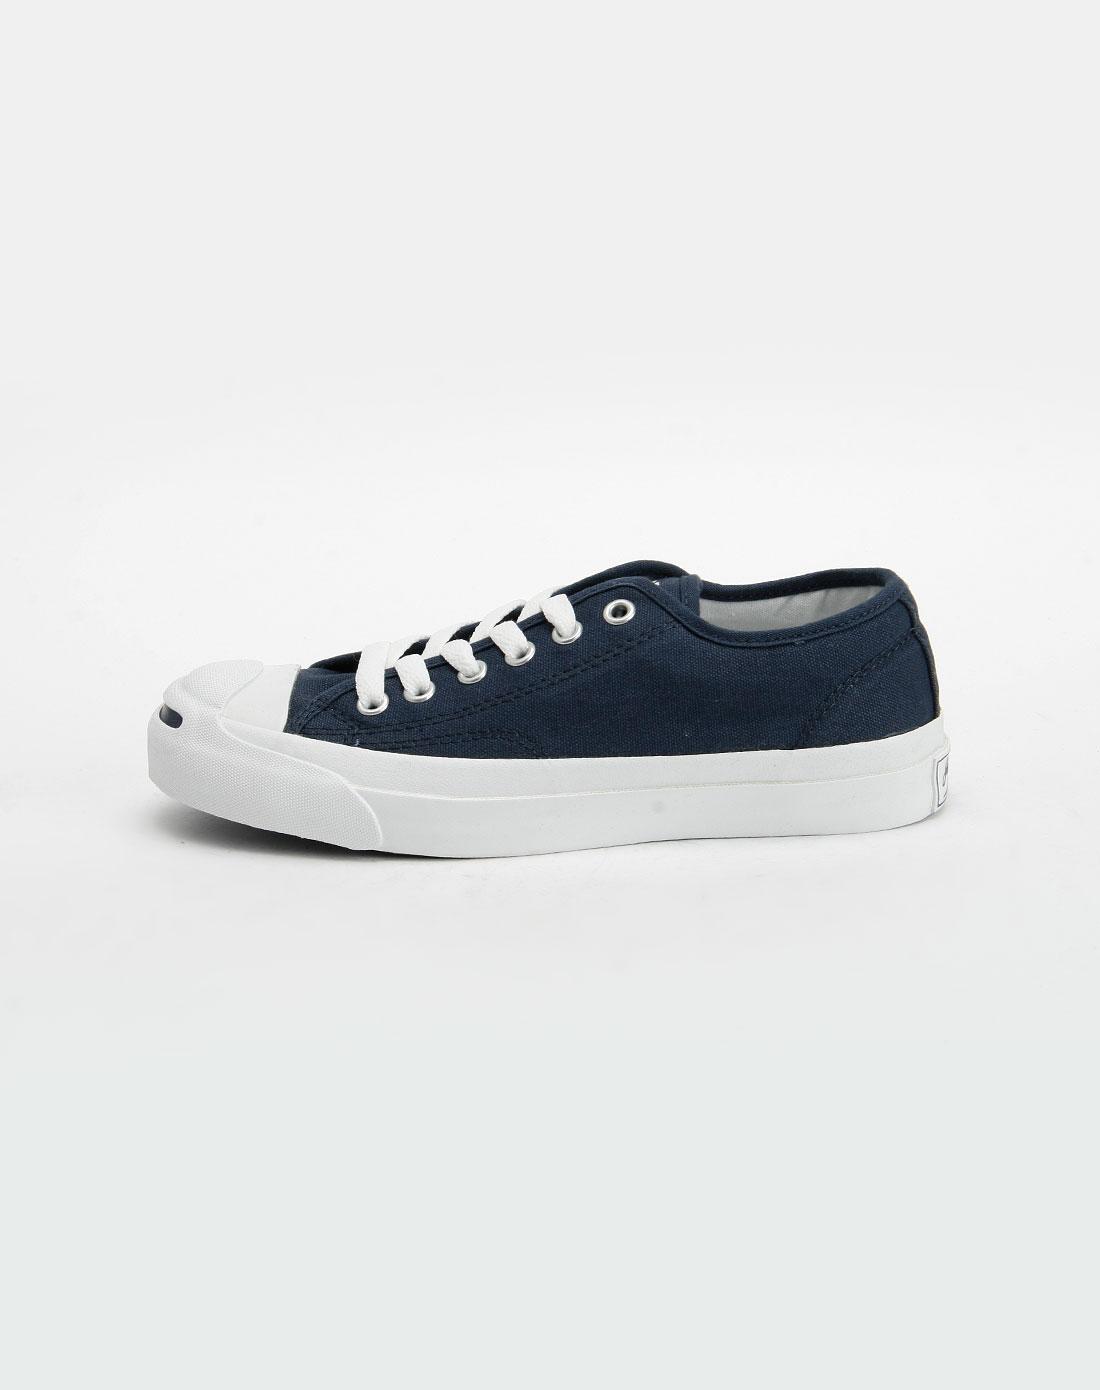 匡威 中性蓝色休闲布鞋